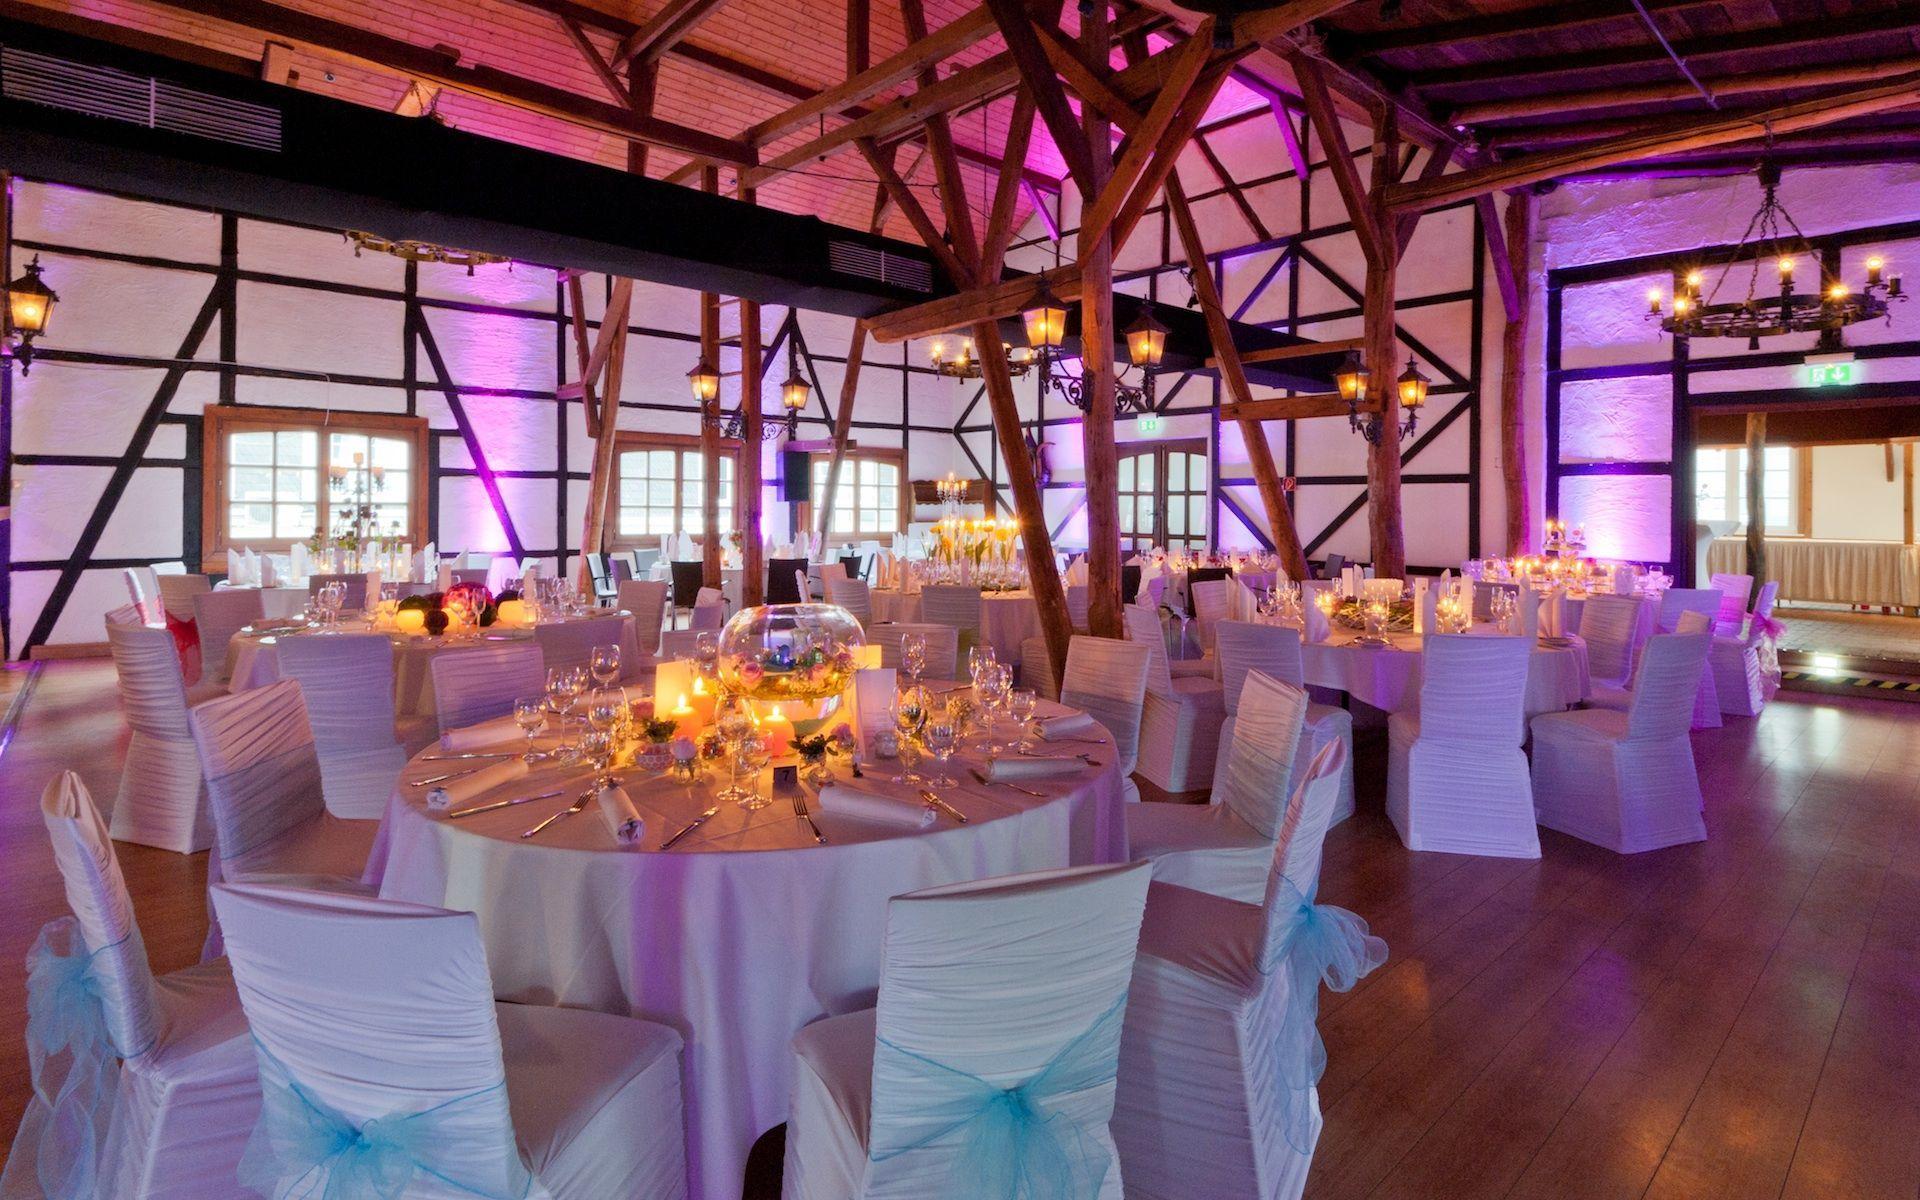 Hochzeitssaal Scheune Im Golfhotel Vesper Bei Wuppertal Hochzeit Saal Hochzeitssaal Hochzeit Location